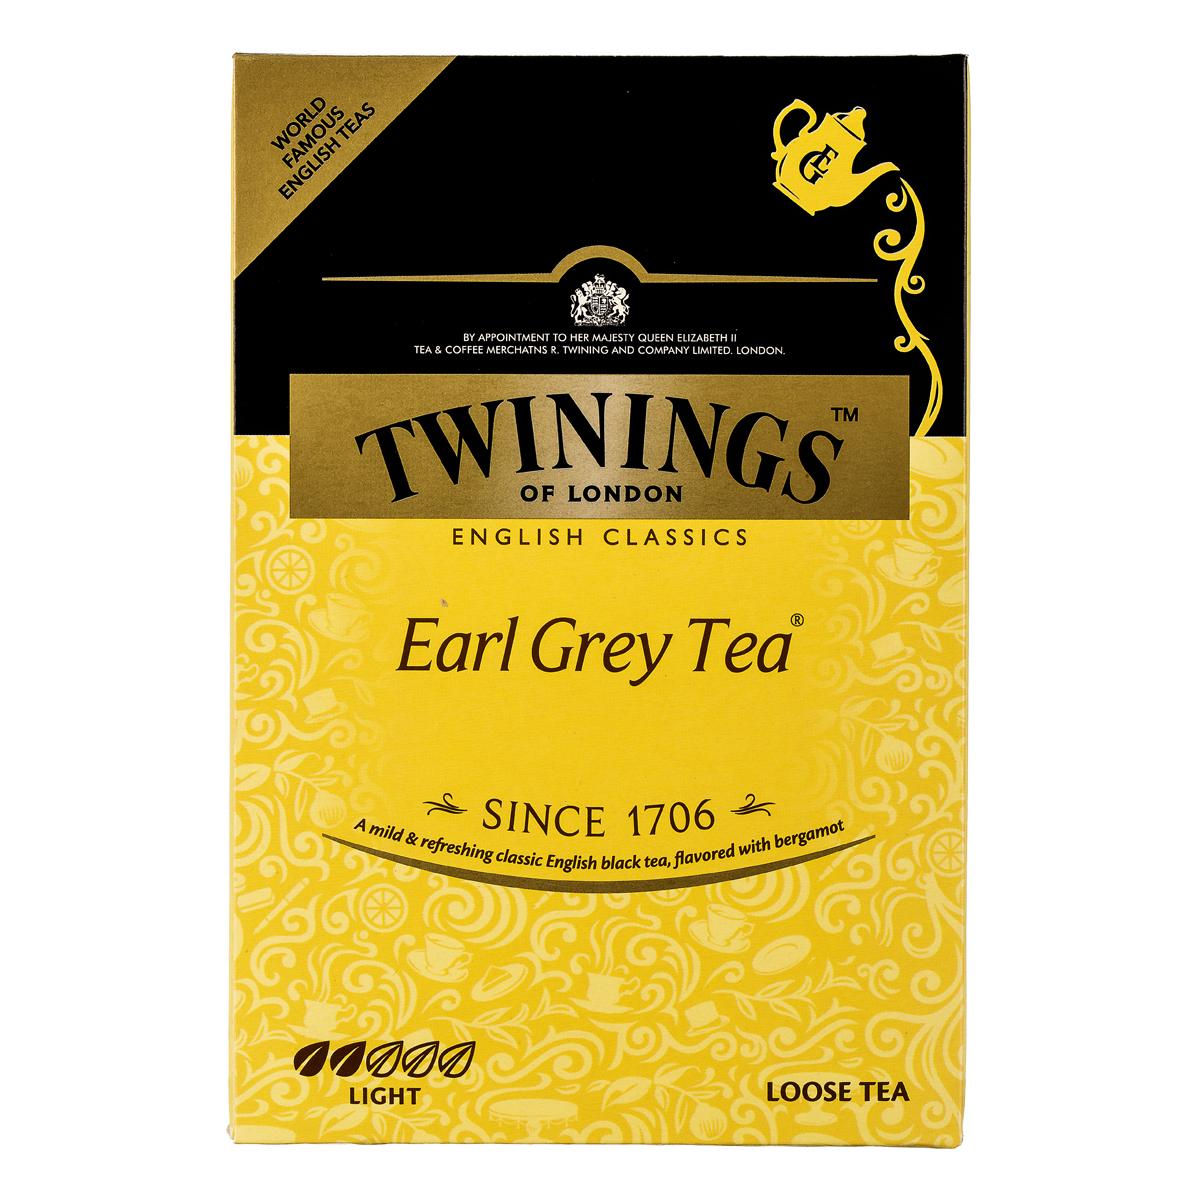 چای سیاه پاکتی ارل گری 450گرم توینینگز - چای سیاه پاکتی ارل گری 450گرم توینینگز